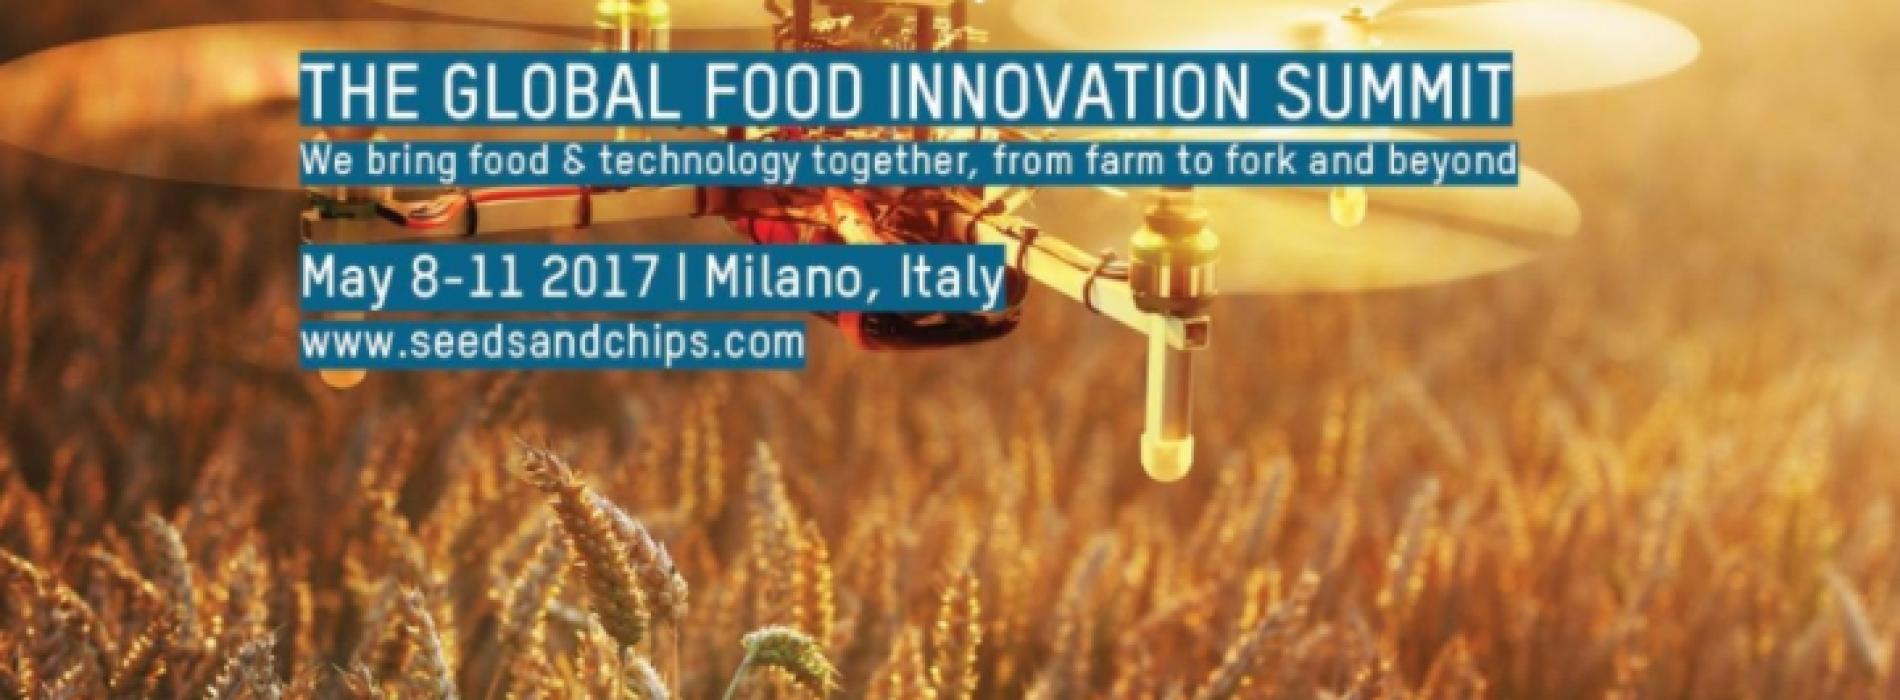 Vini campani al Seeds&Chips di Milano. C'è Tenuta Fontana!